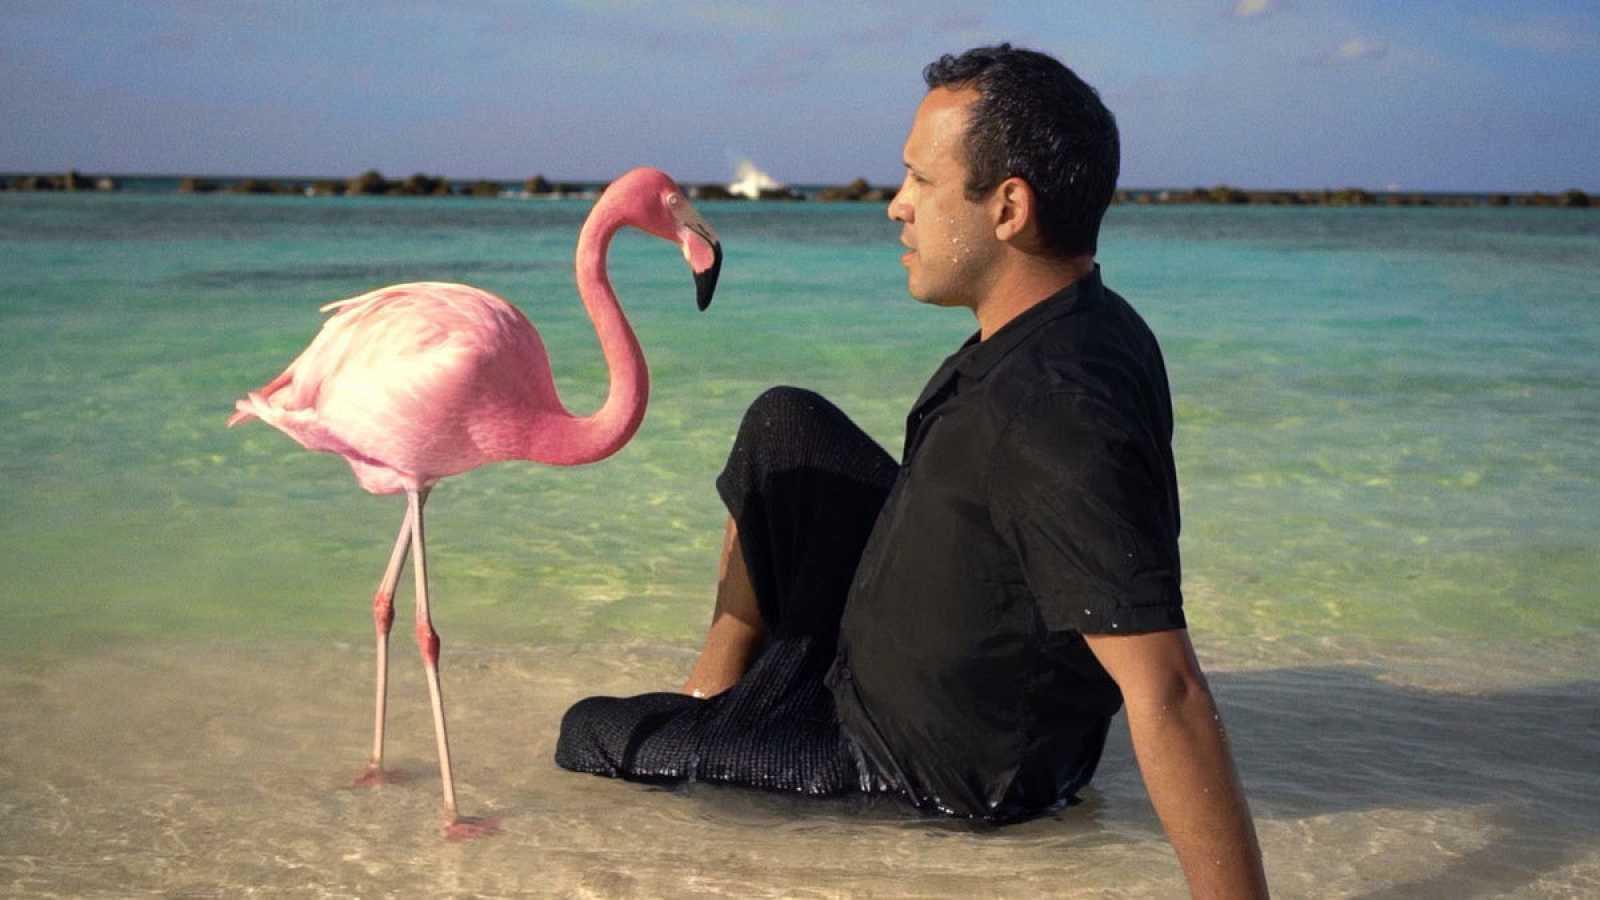 Documentales: 'The mystery of the pink flamingo' y 'Anatomía de un dandy'